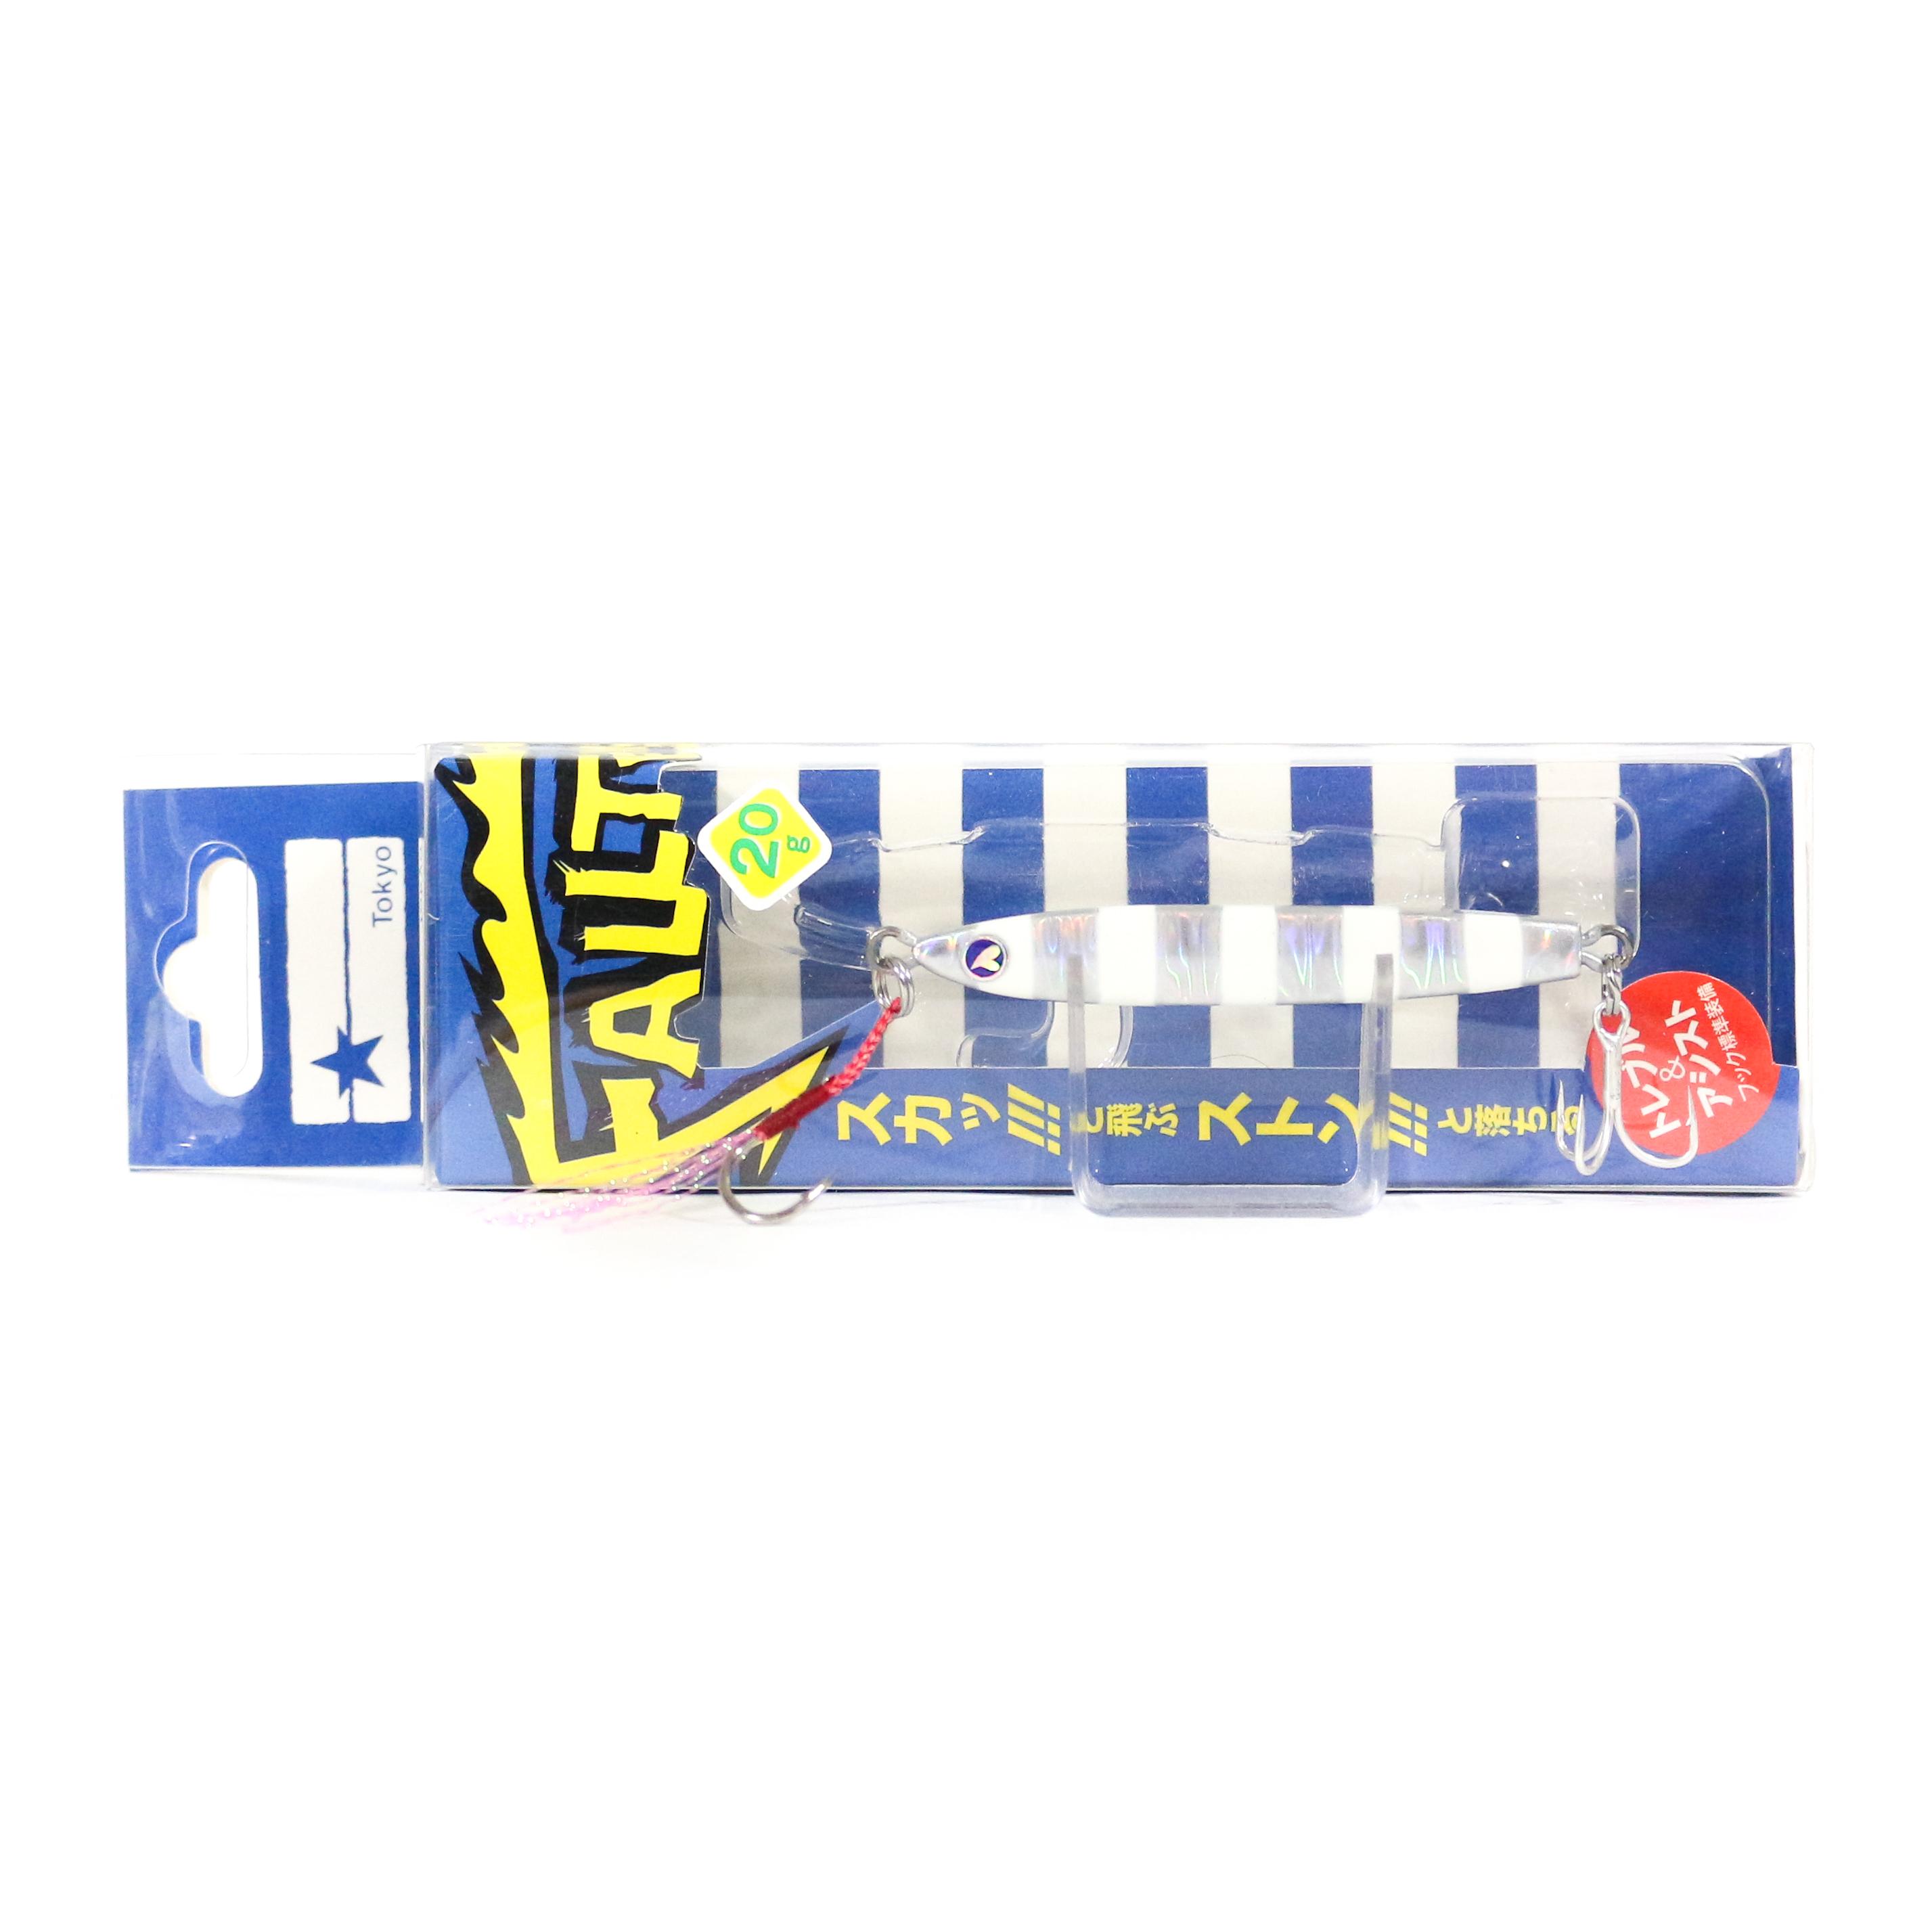 Blue Blue Metal Jig Fallten 20 grams 08 (1426)